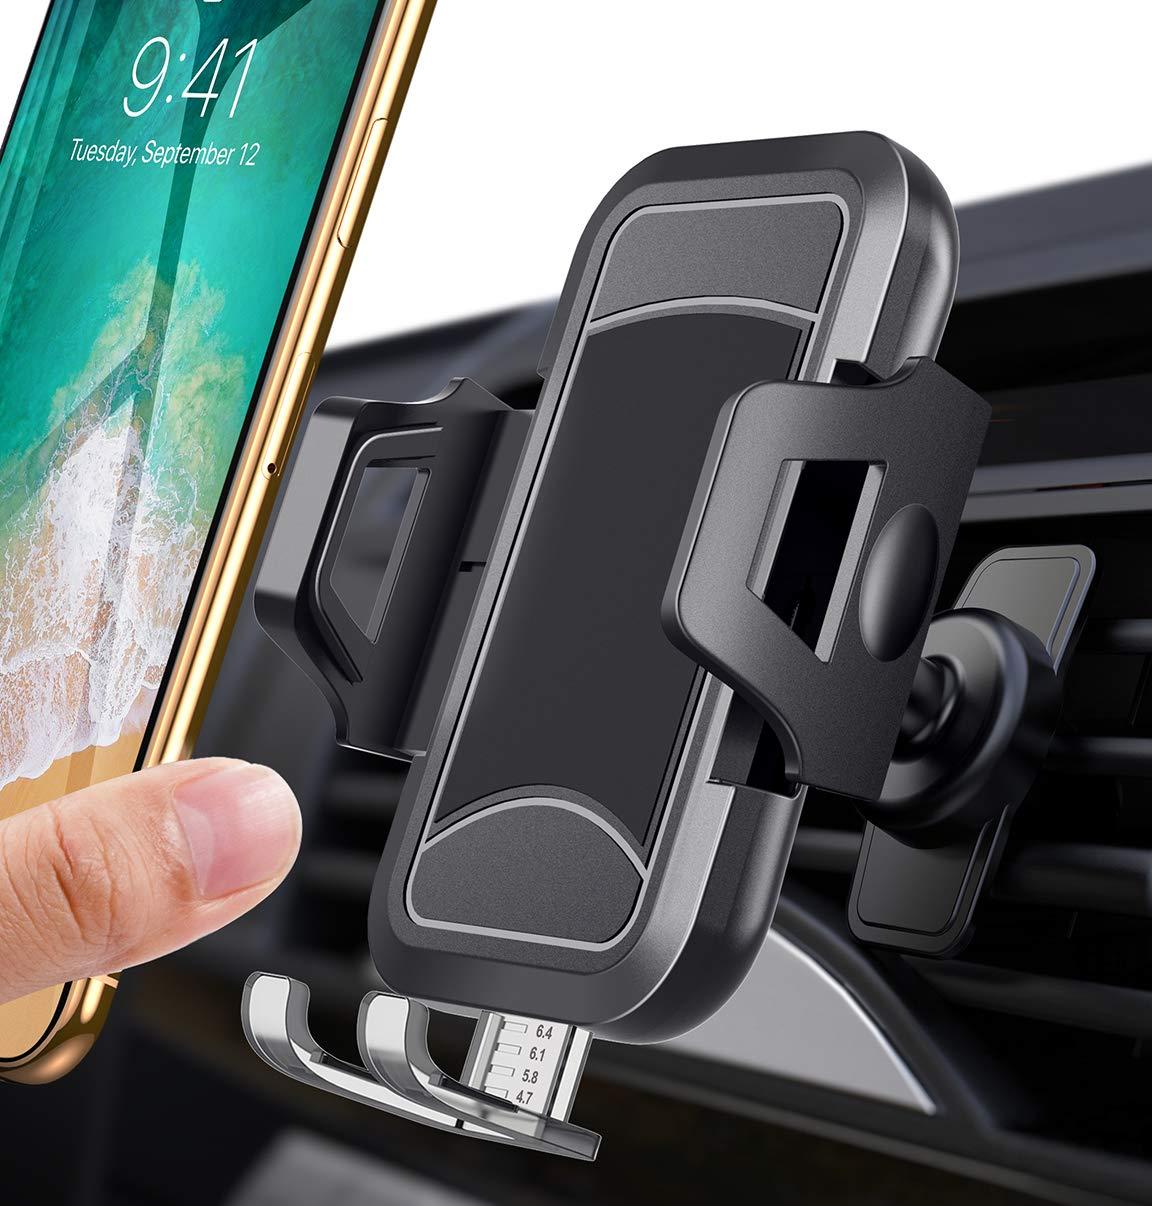 Soporte Celular para Vent. de Autos ITAOMI - 7R4Q9DXM